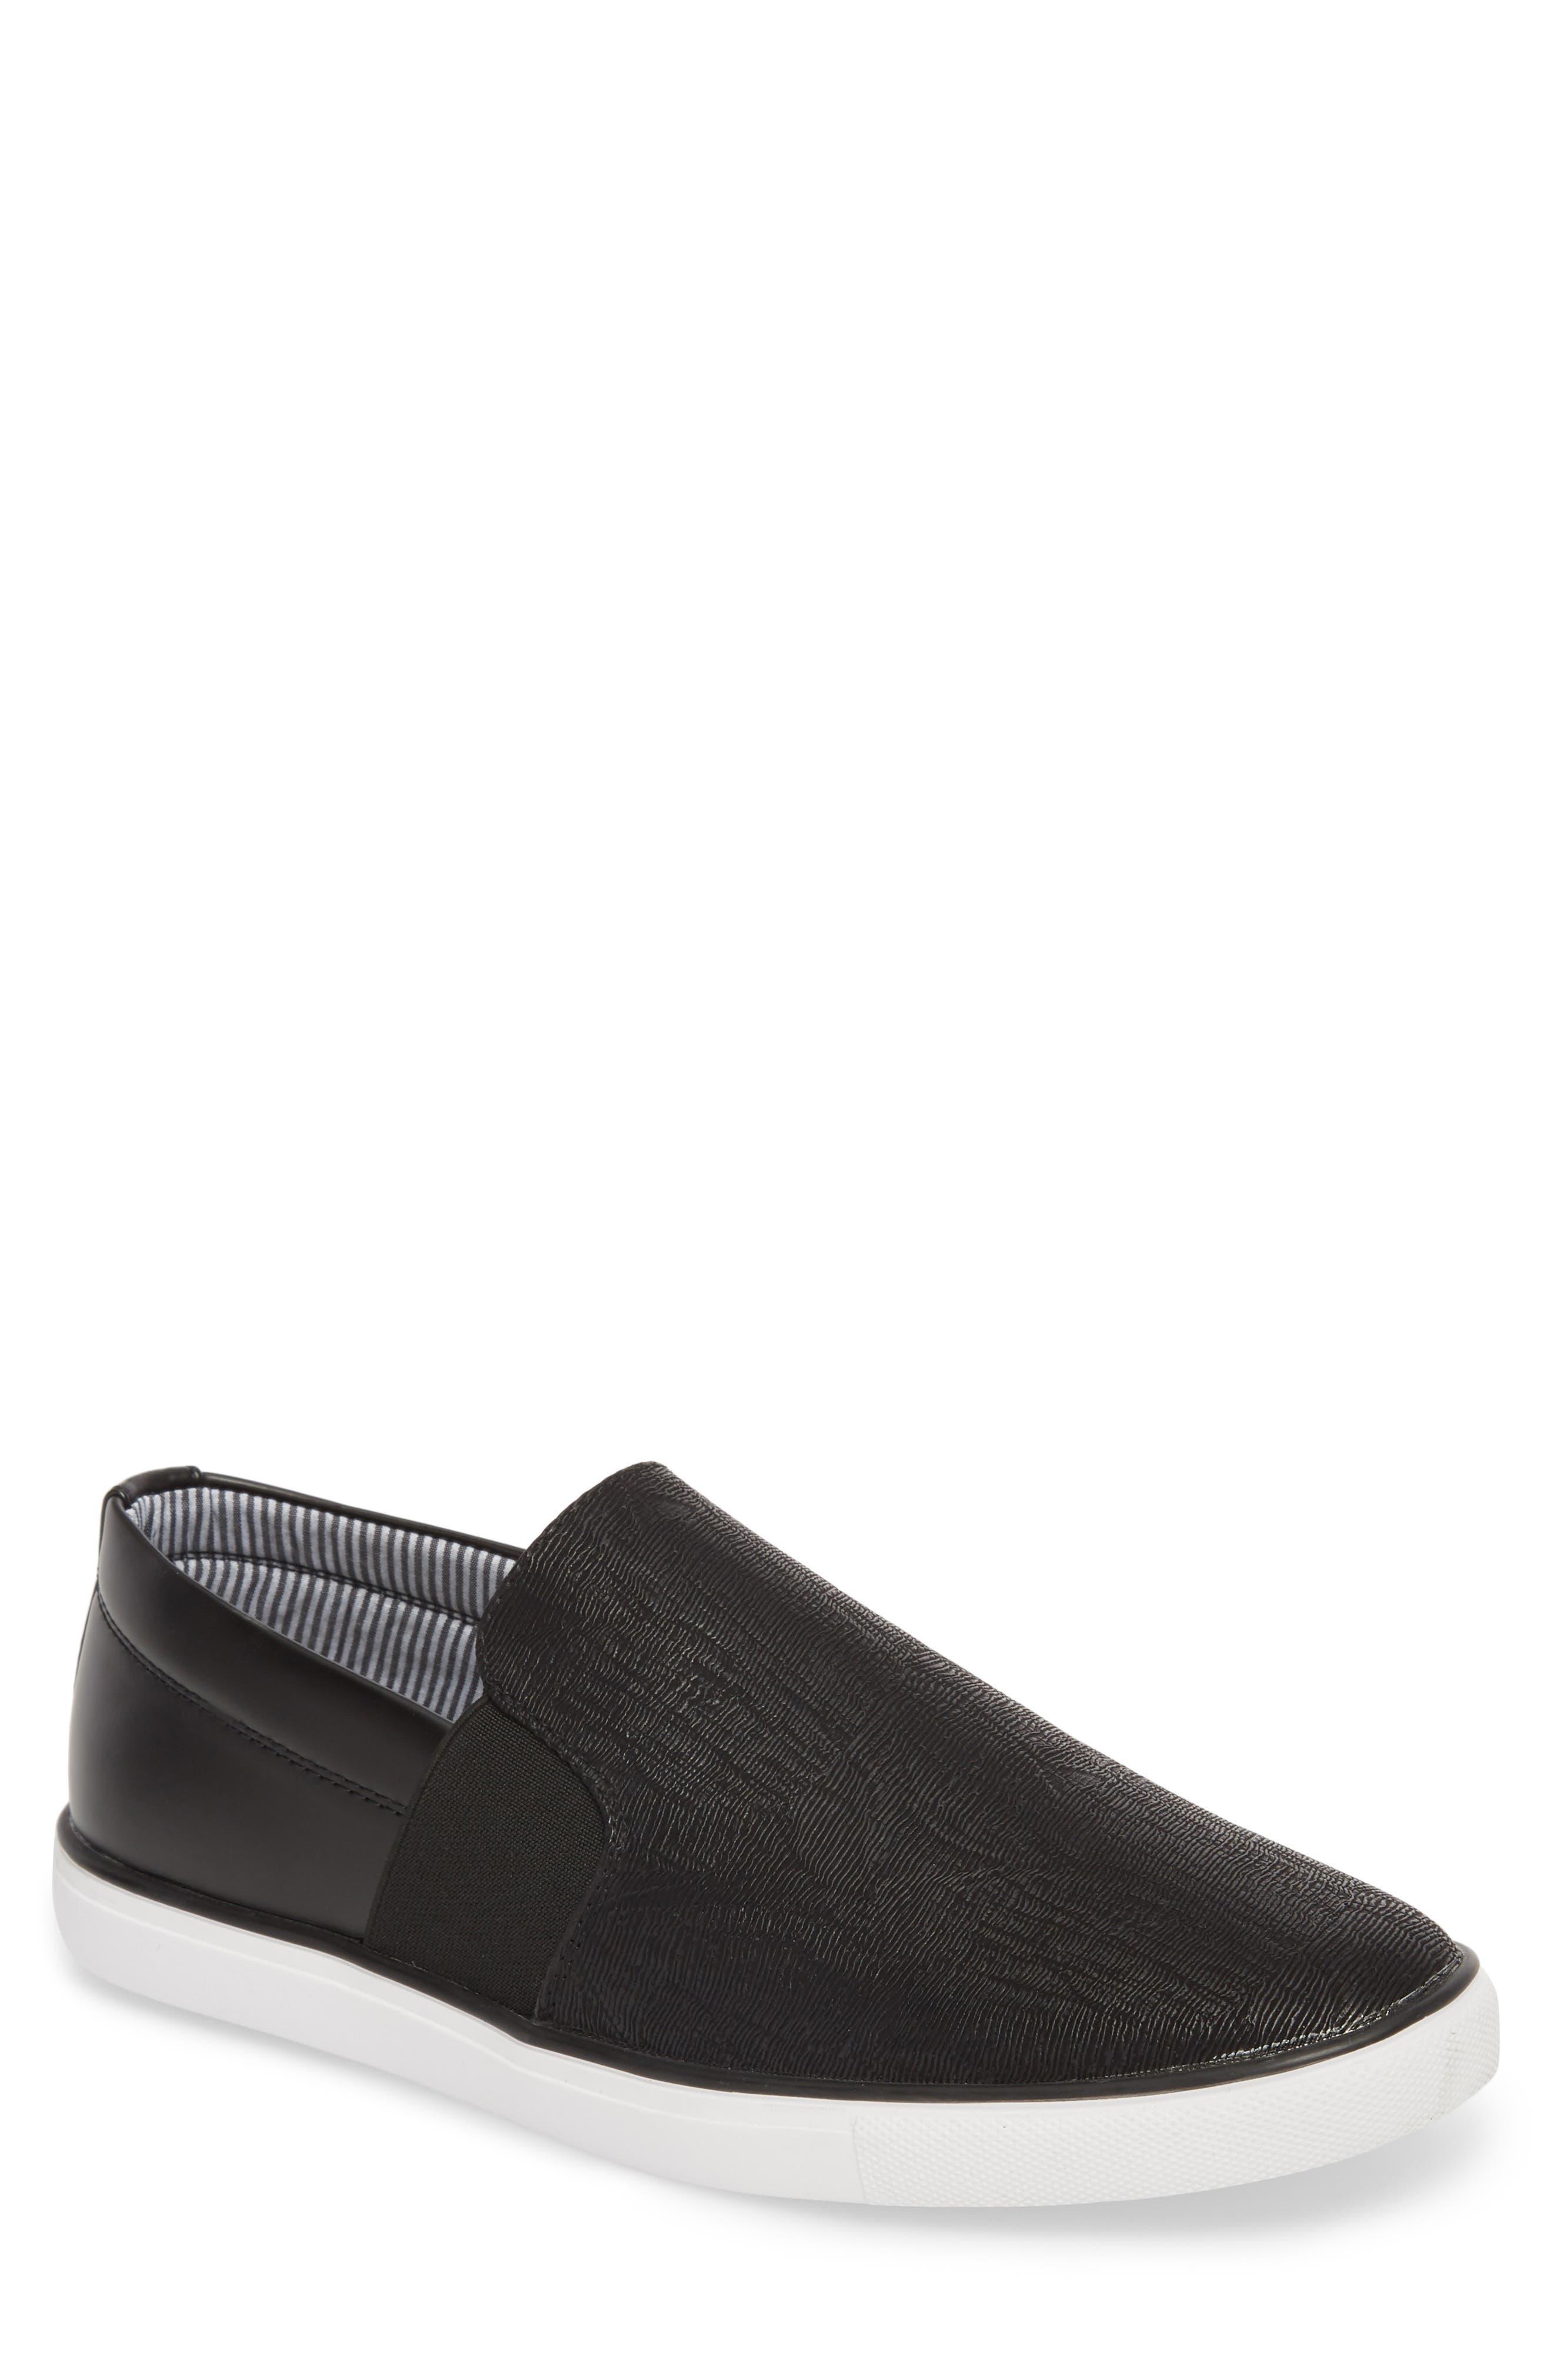 Fish 'N' Chips Dublin Slip-On Sneaker,                             Main thumbnail 1, color,                             Black